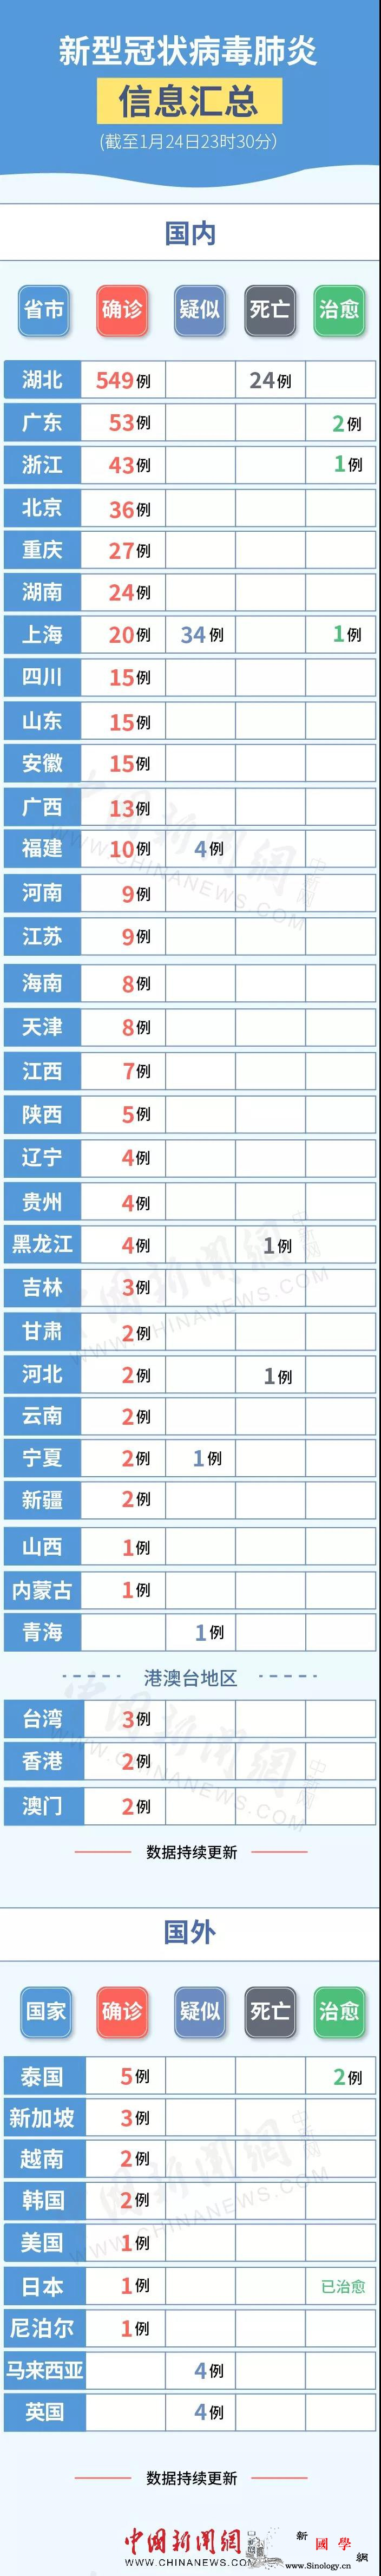 截至24日23时新型肺炎疫情及防控信_冠状-武汉-肺炎-